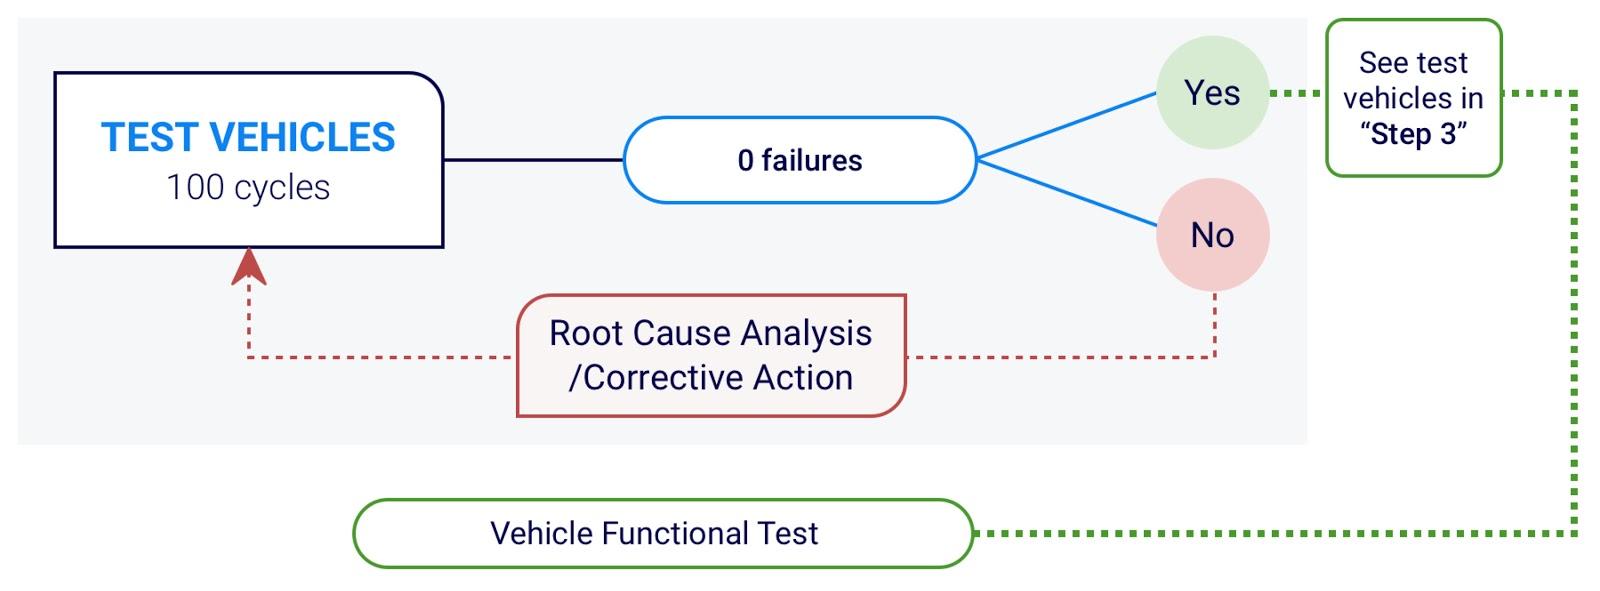 Test vehicle validation on ECU